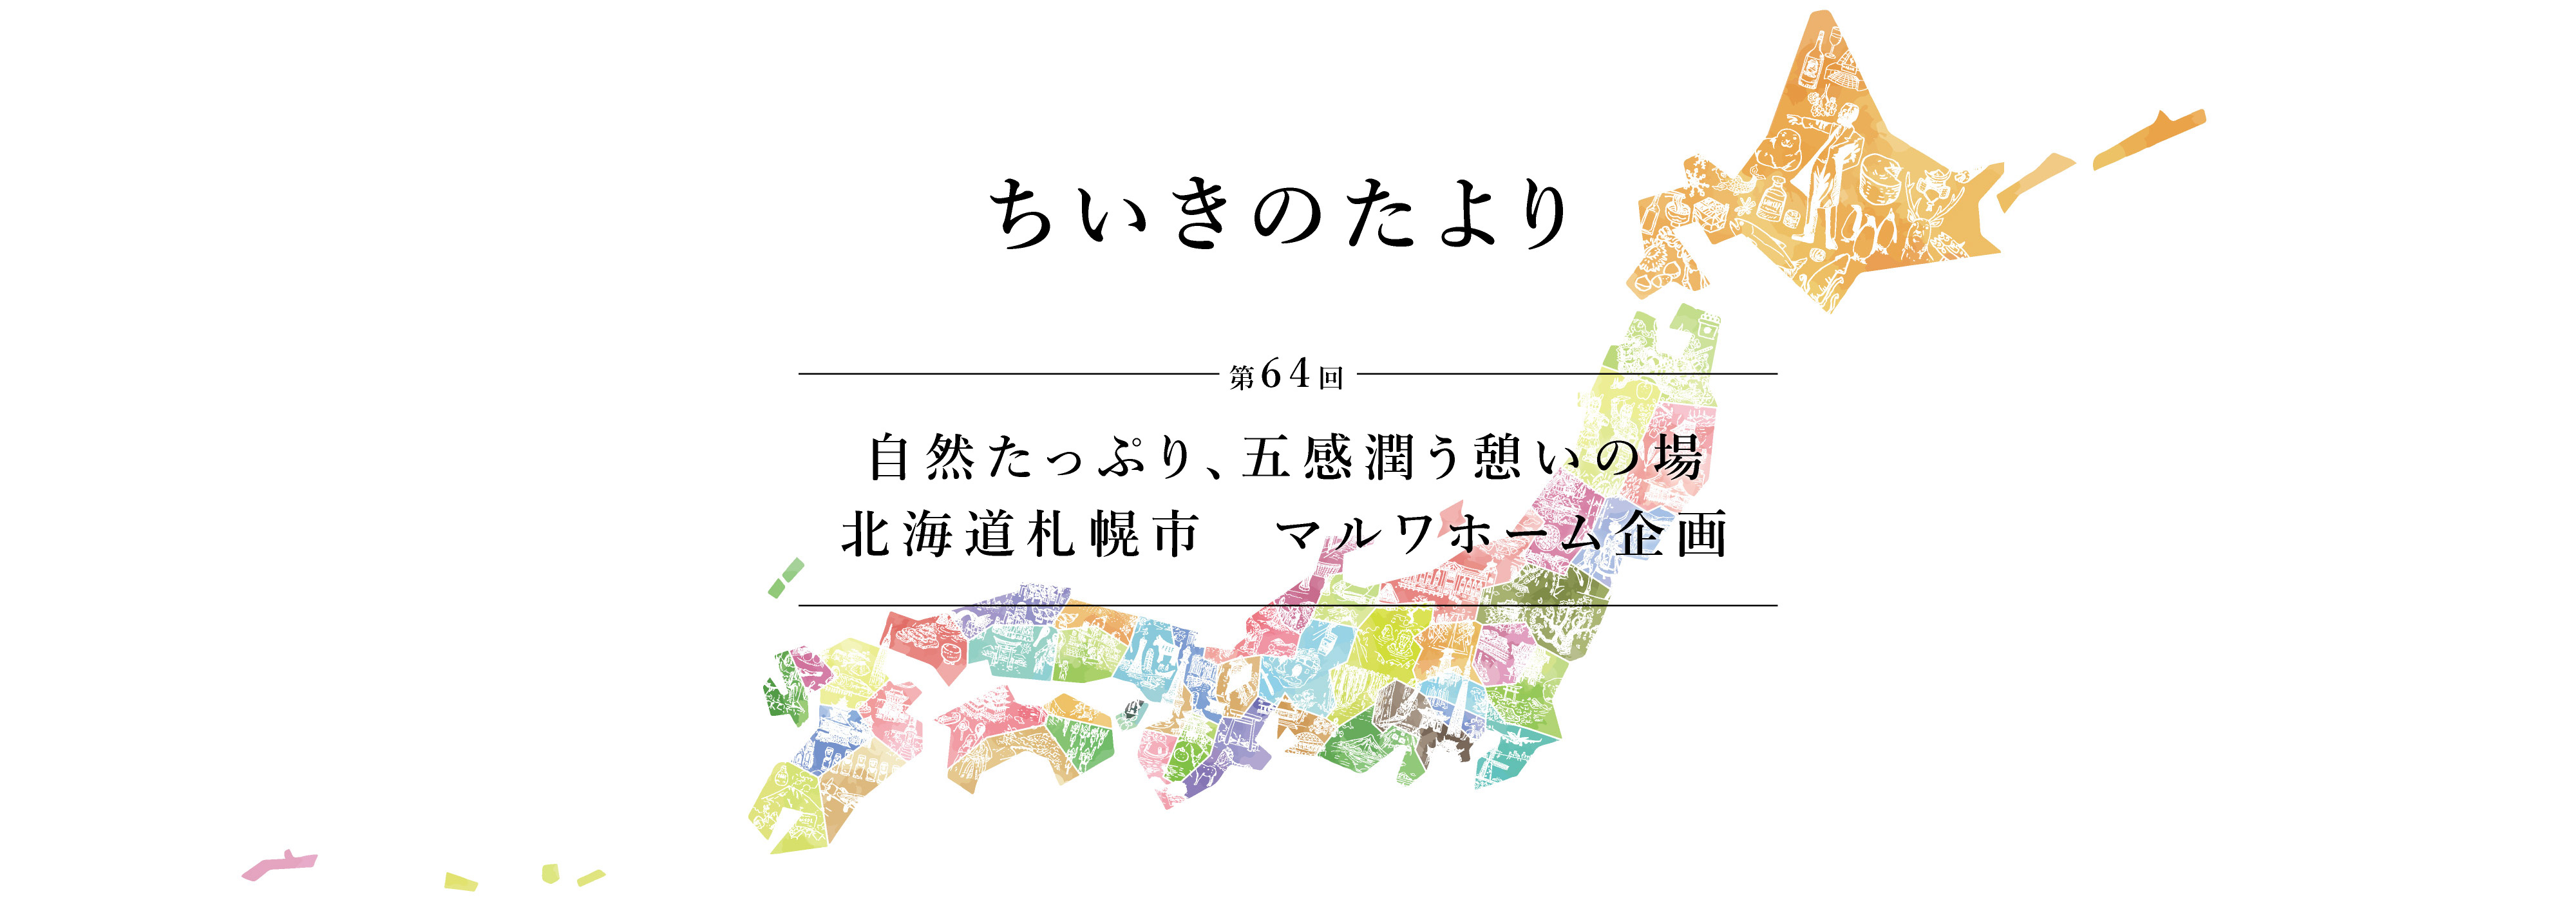 ちいきのたより第64回自然たっぷり、五感潤う憩いの場北海道札幌市マルワホーム企画